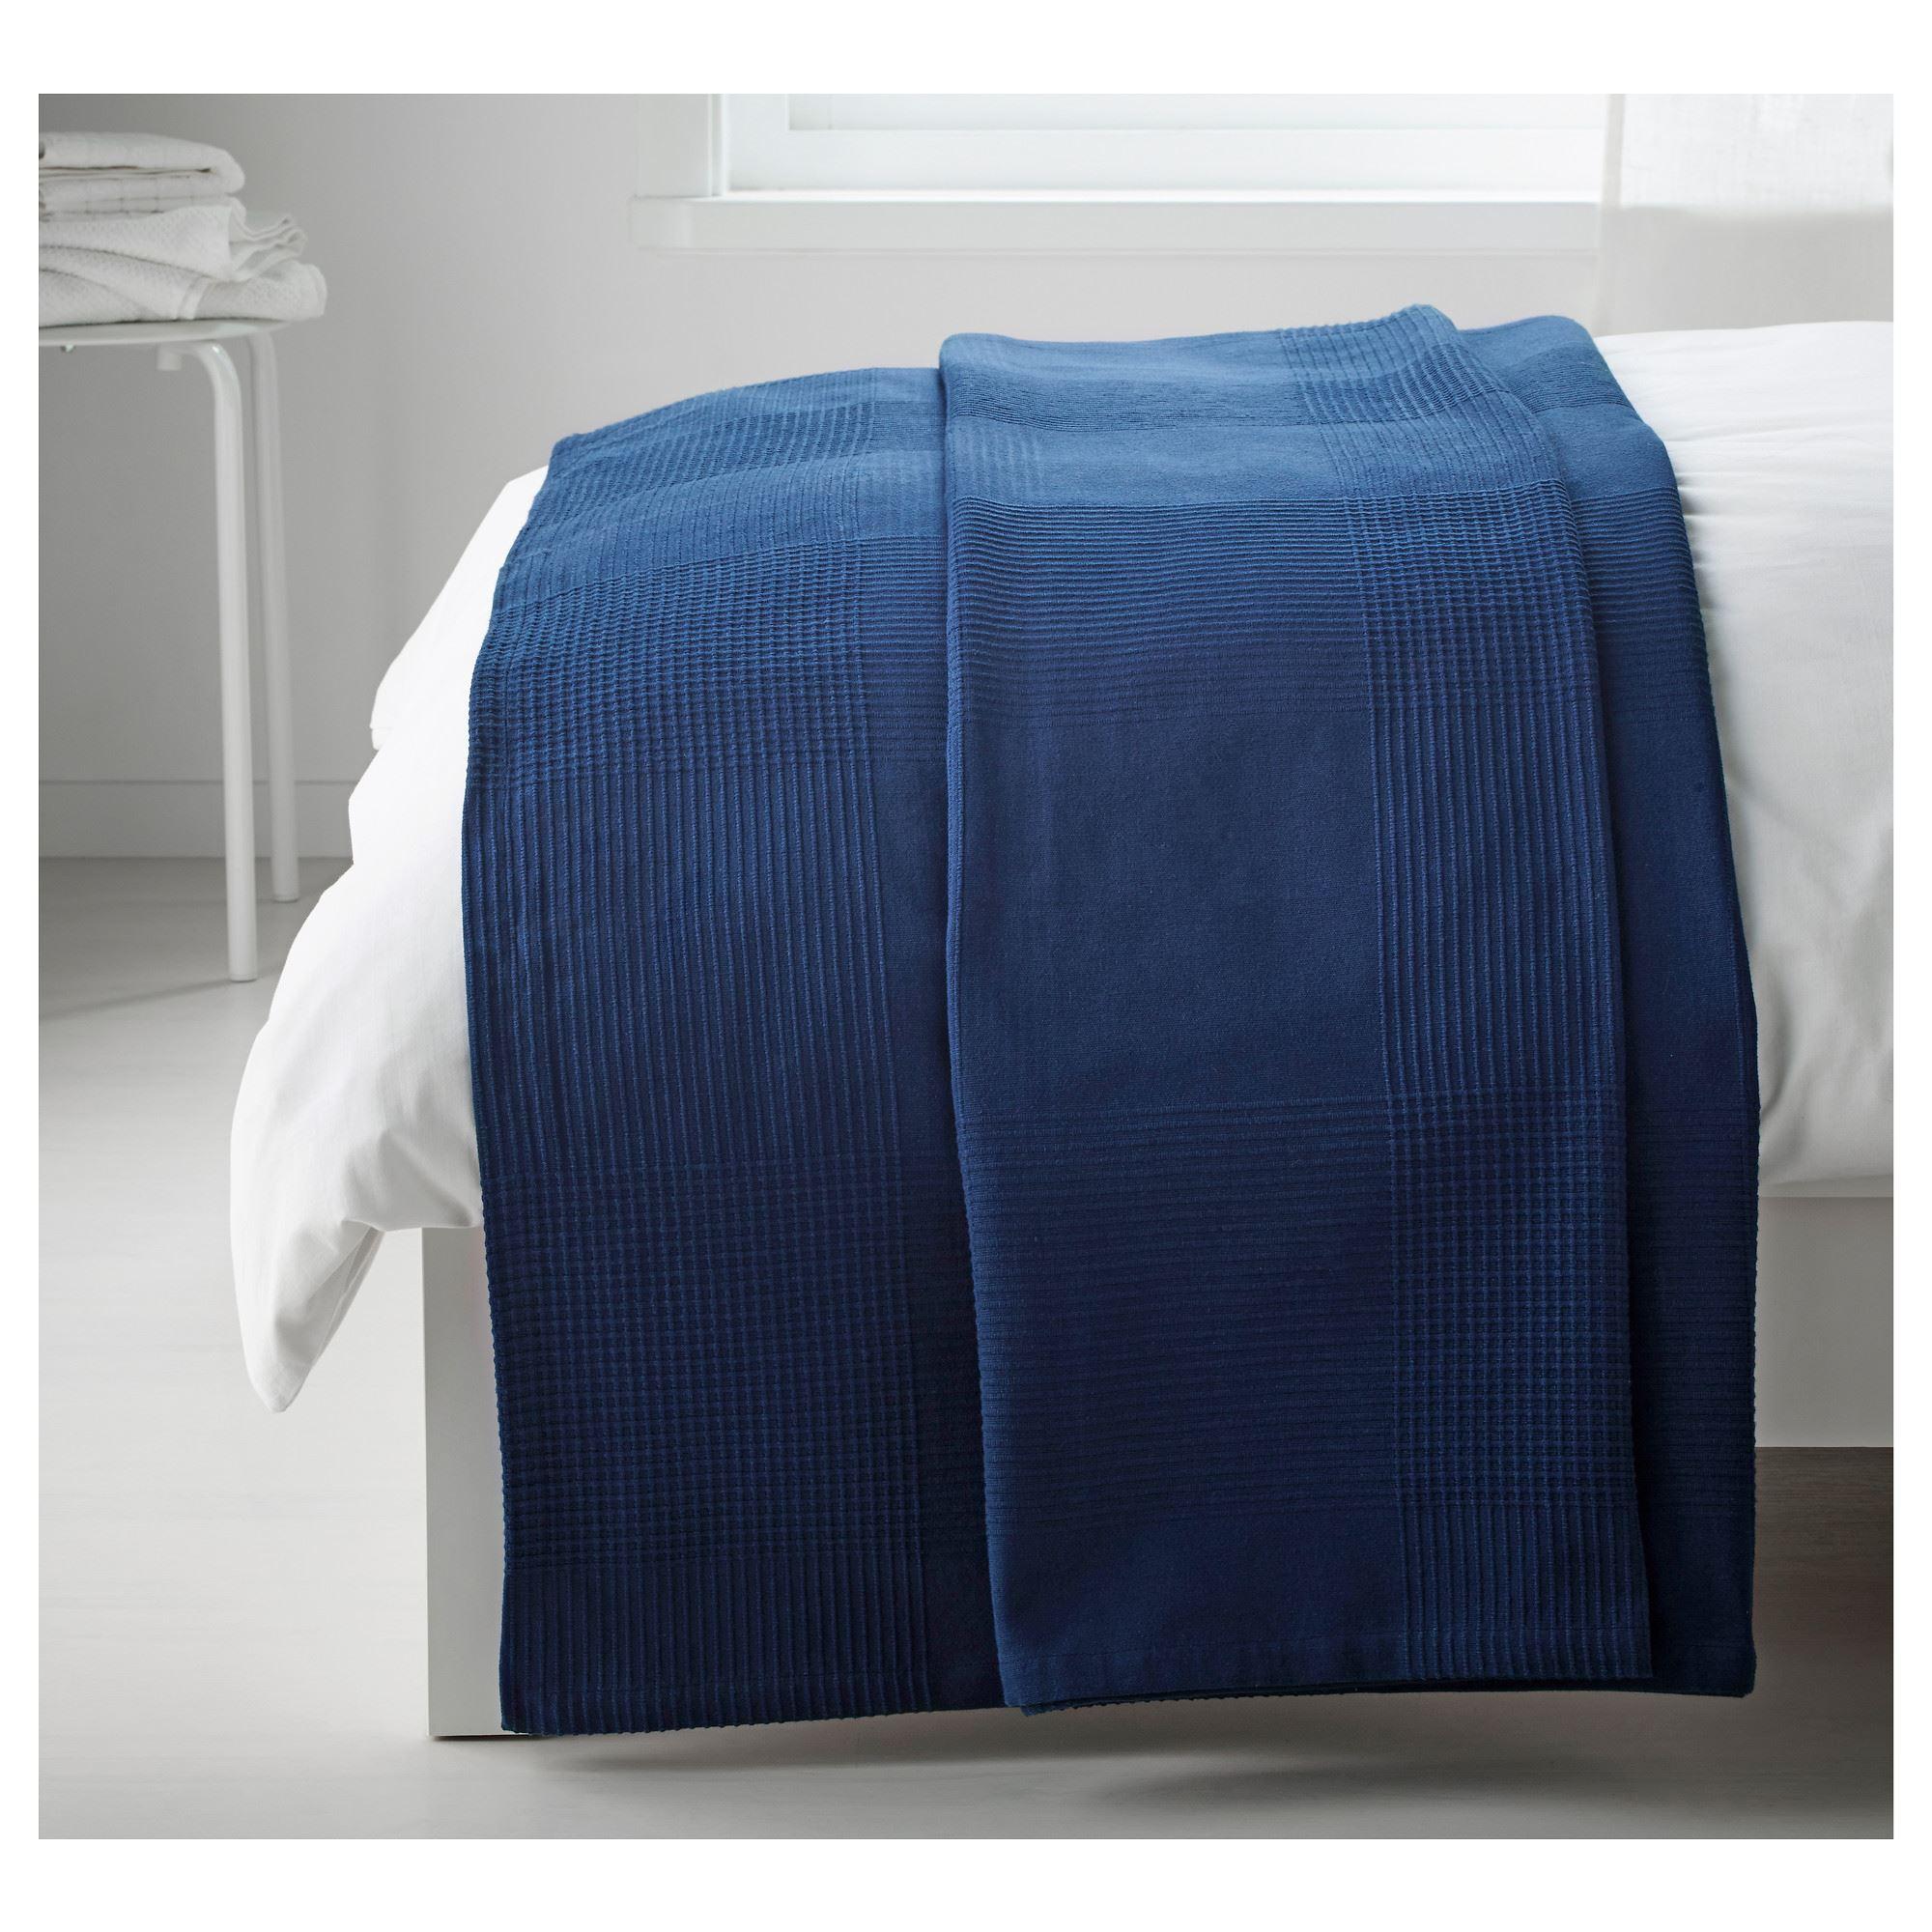 Indira Single Bedspread Blue 150x250 Cm Ikea Home Textile